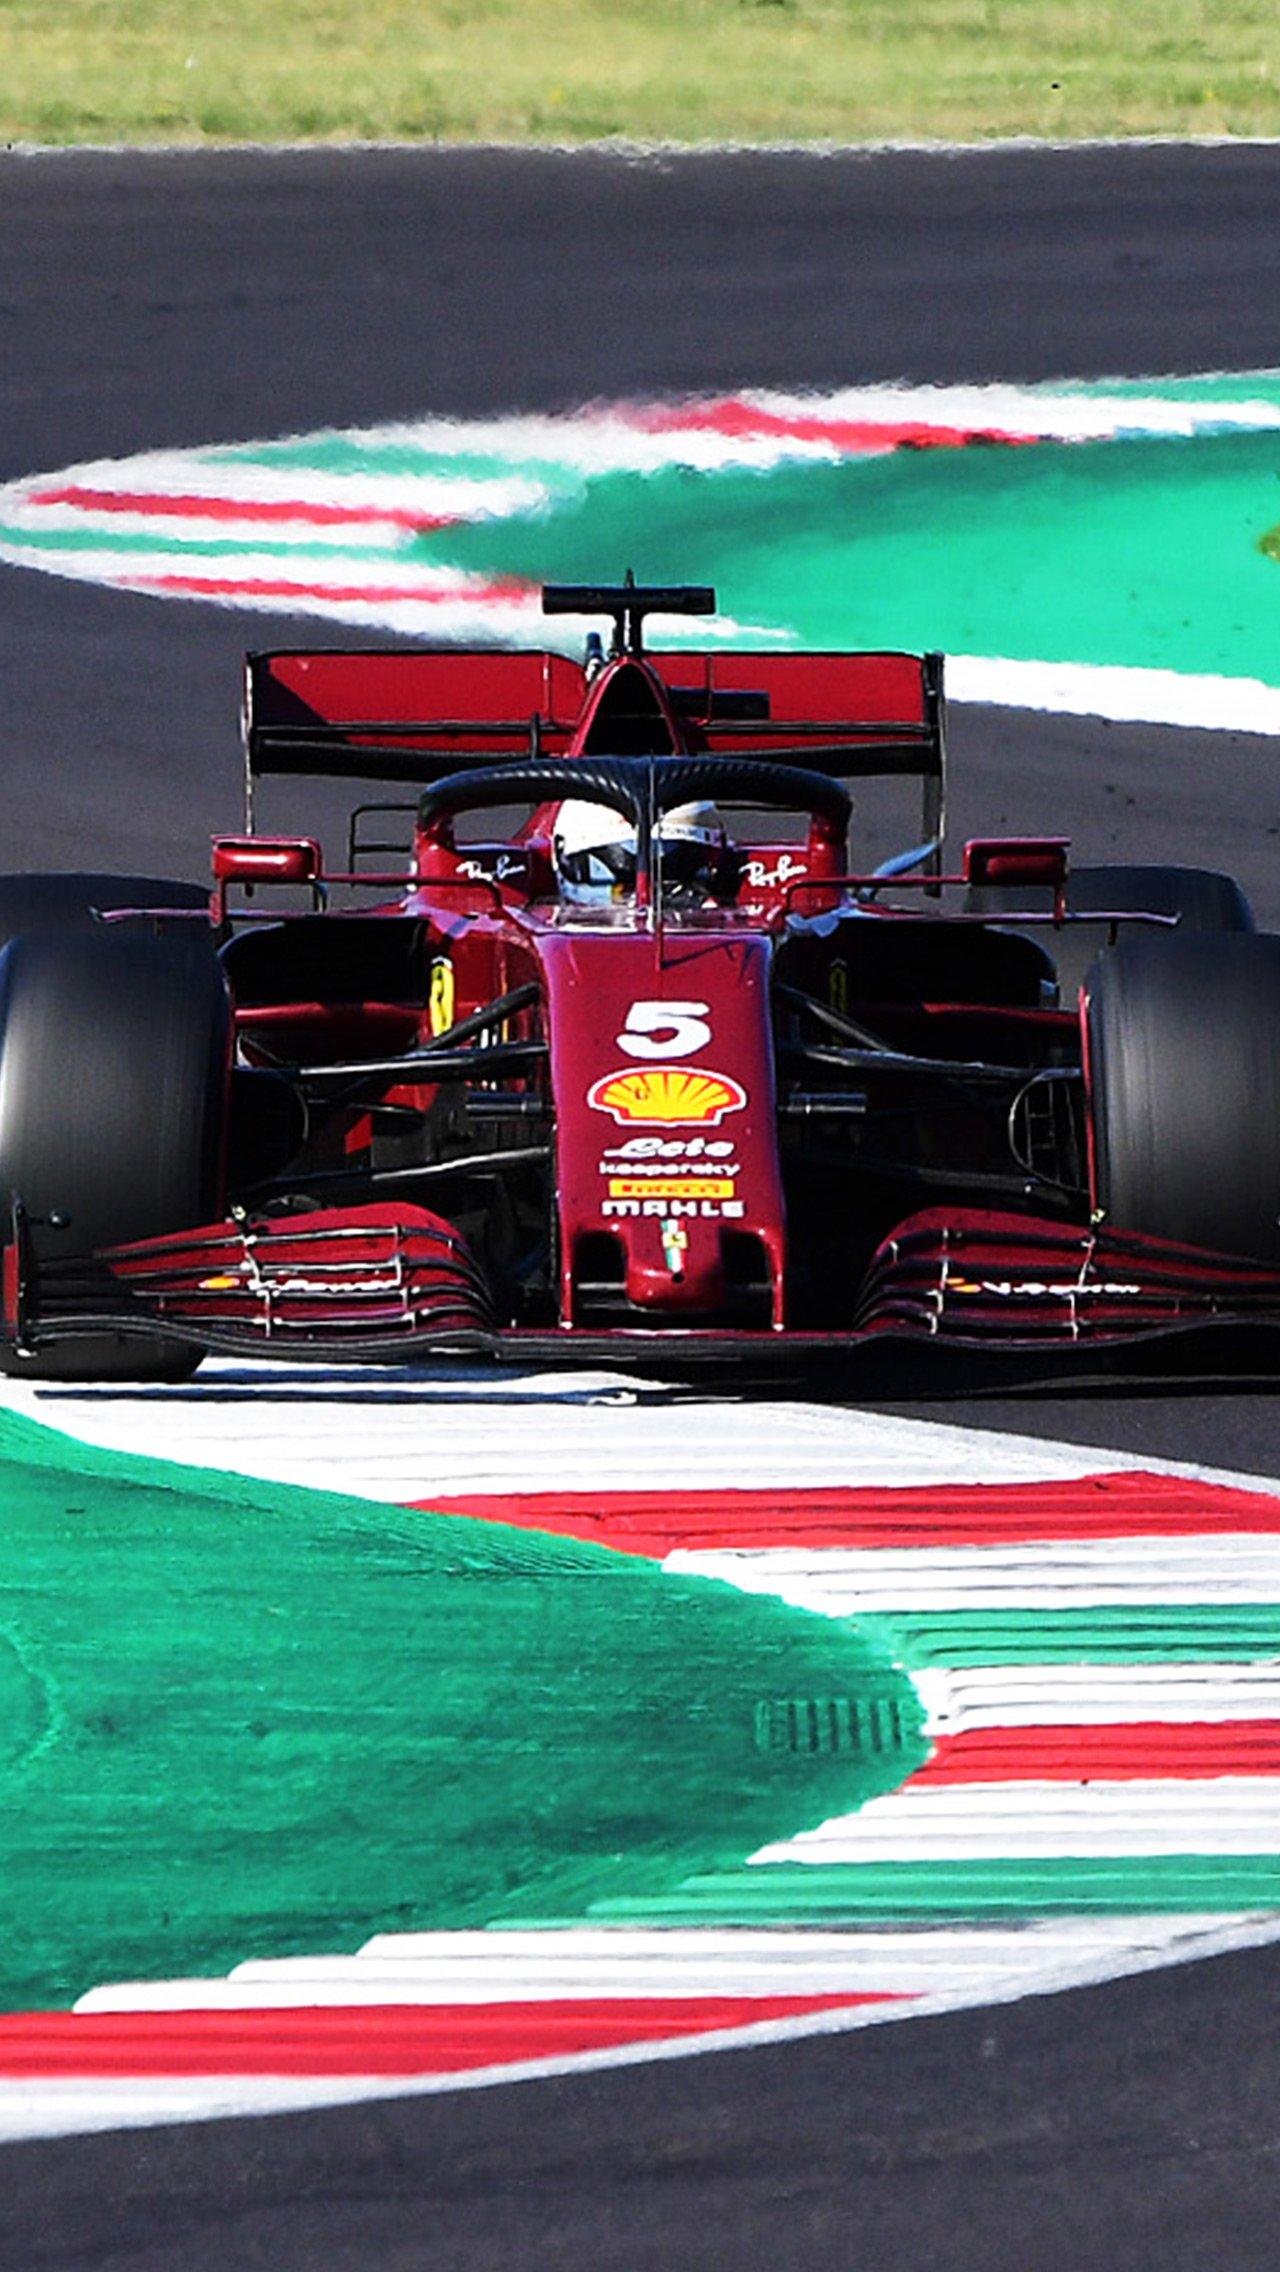 «Феррари» использовала бордовый цвет на своём 1000-м Гран-при в Муджелло. Леклер бодро начал, но откатился на 8-е место.